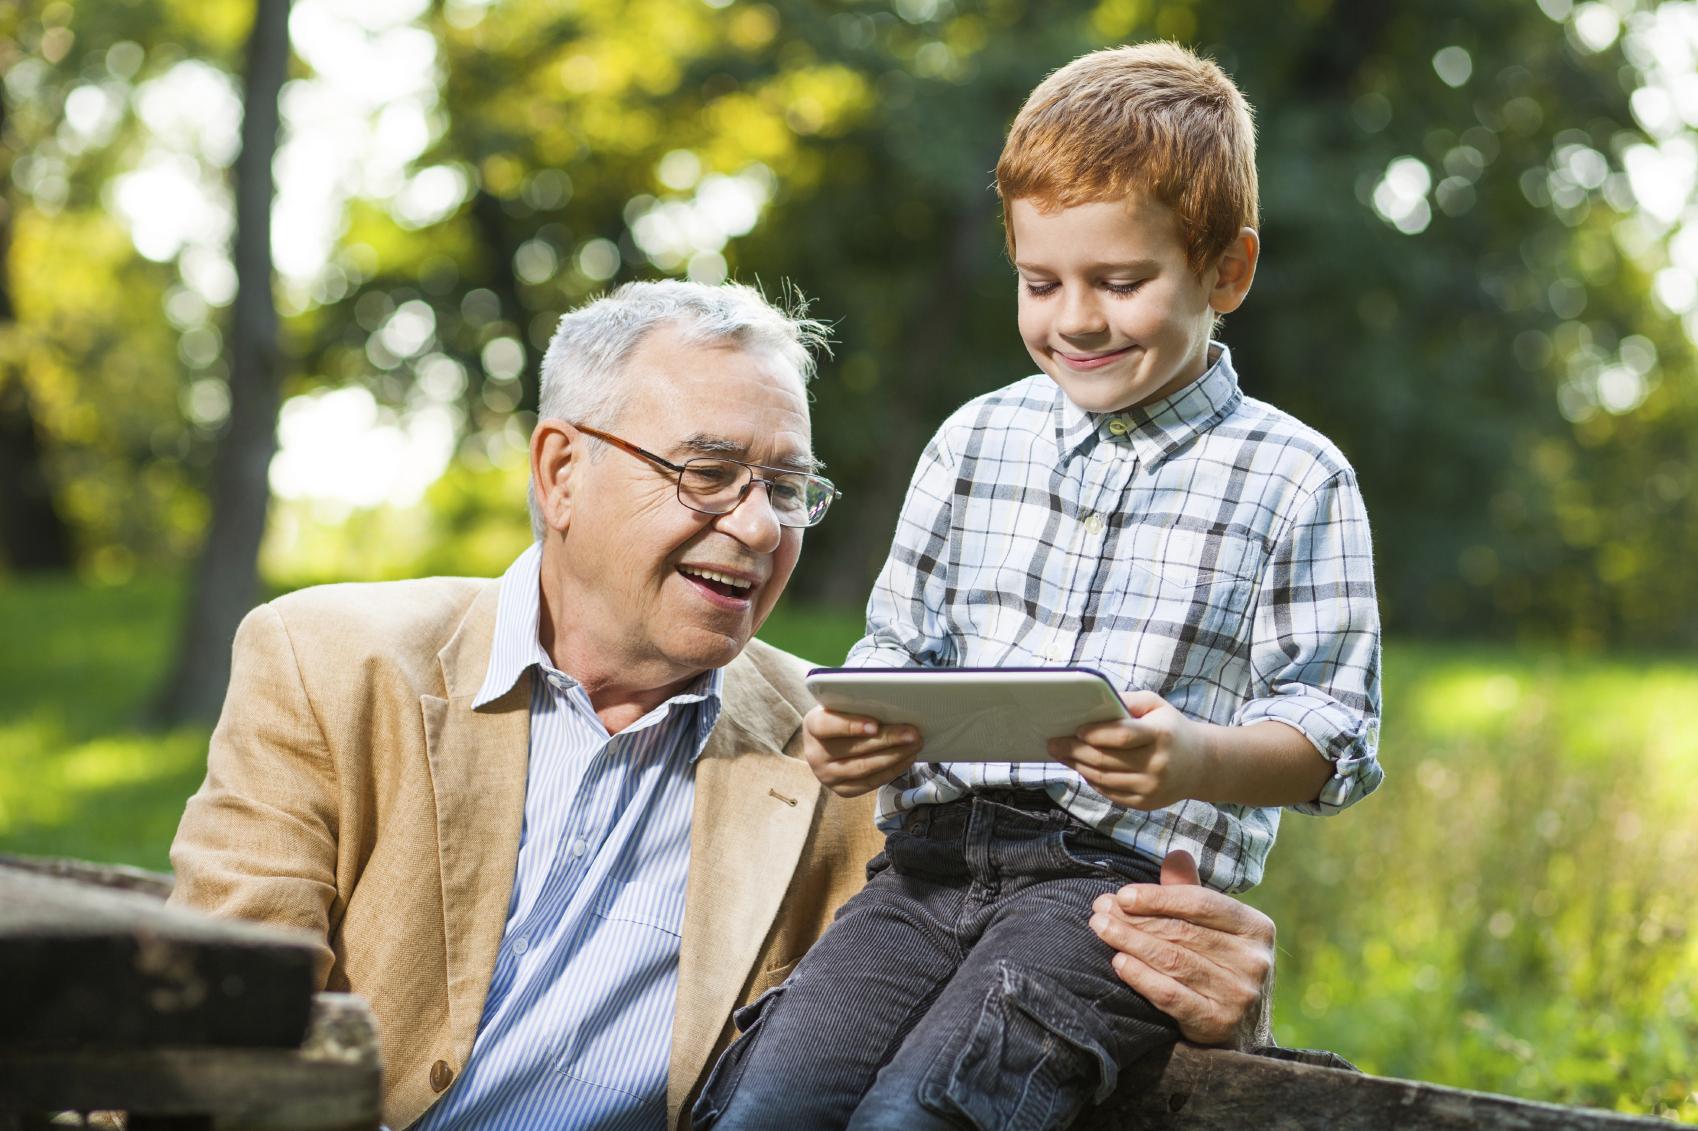 Los niños y el contenido de Internet